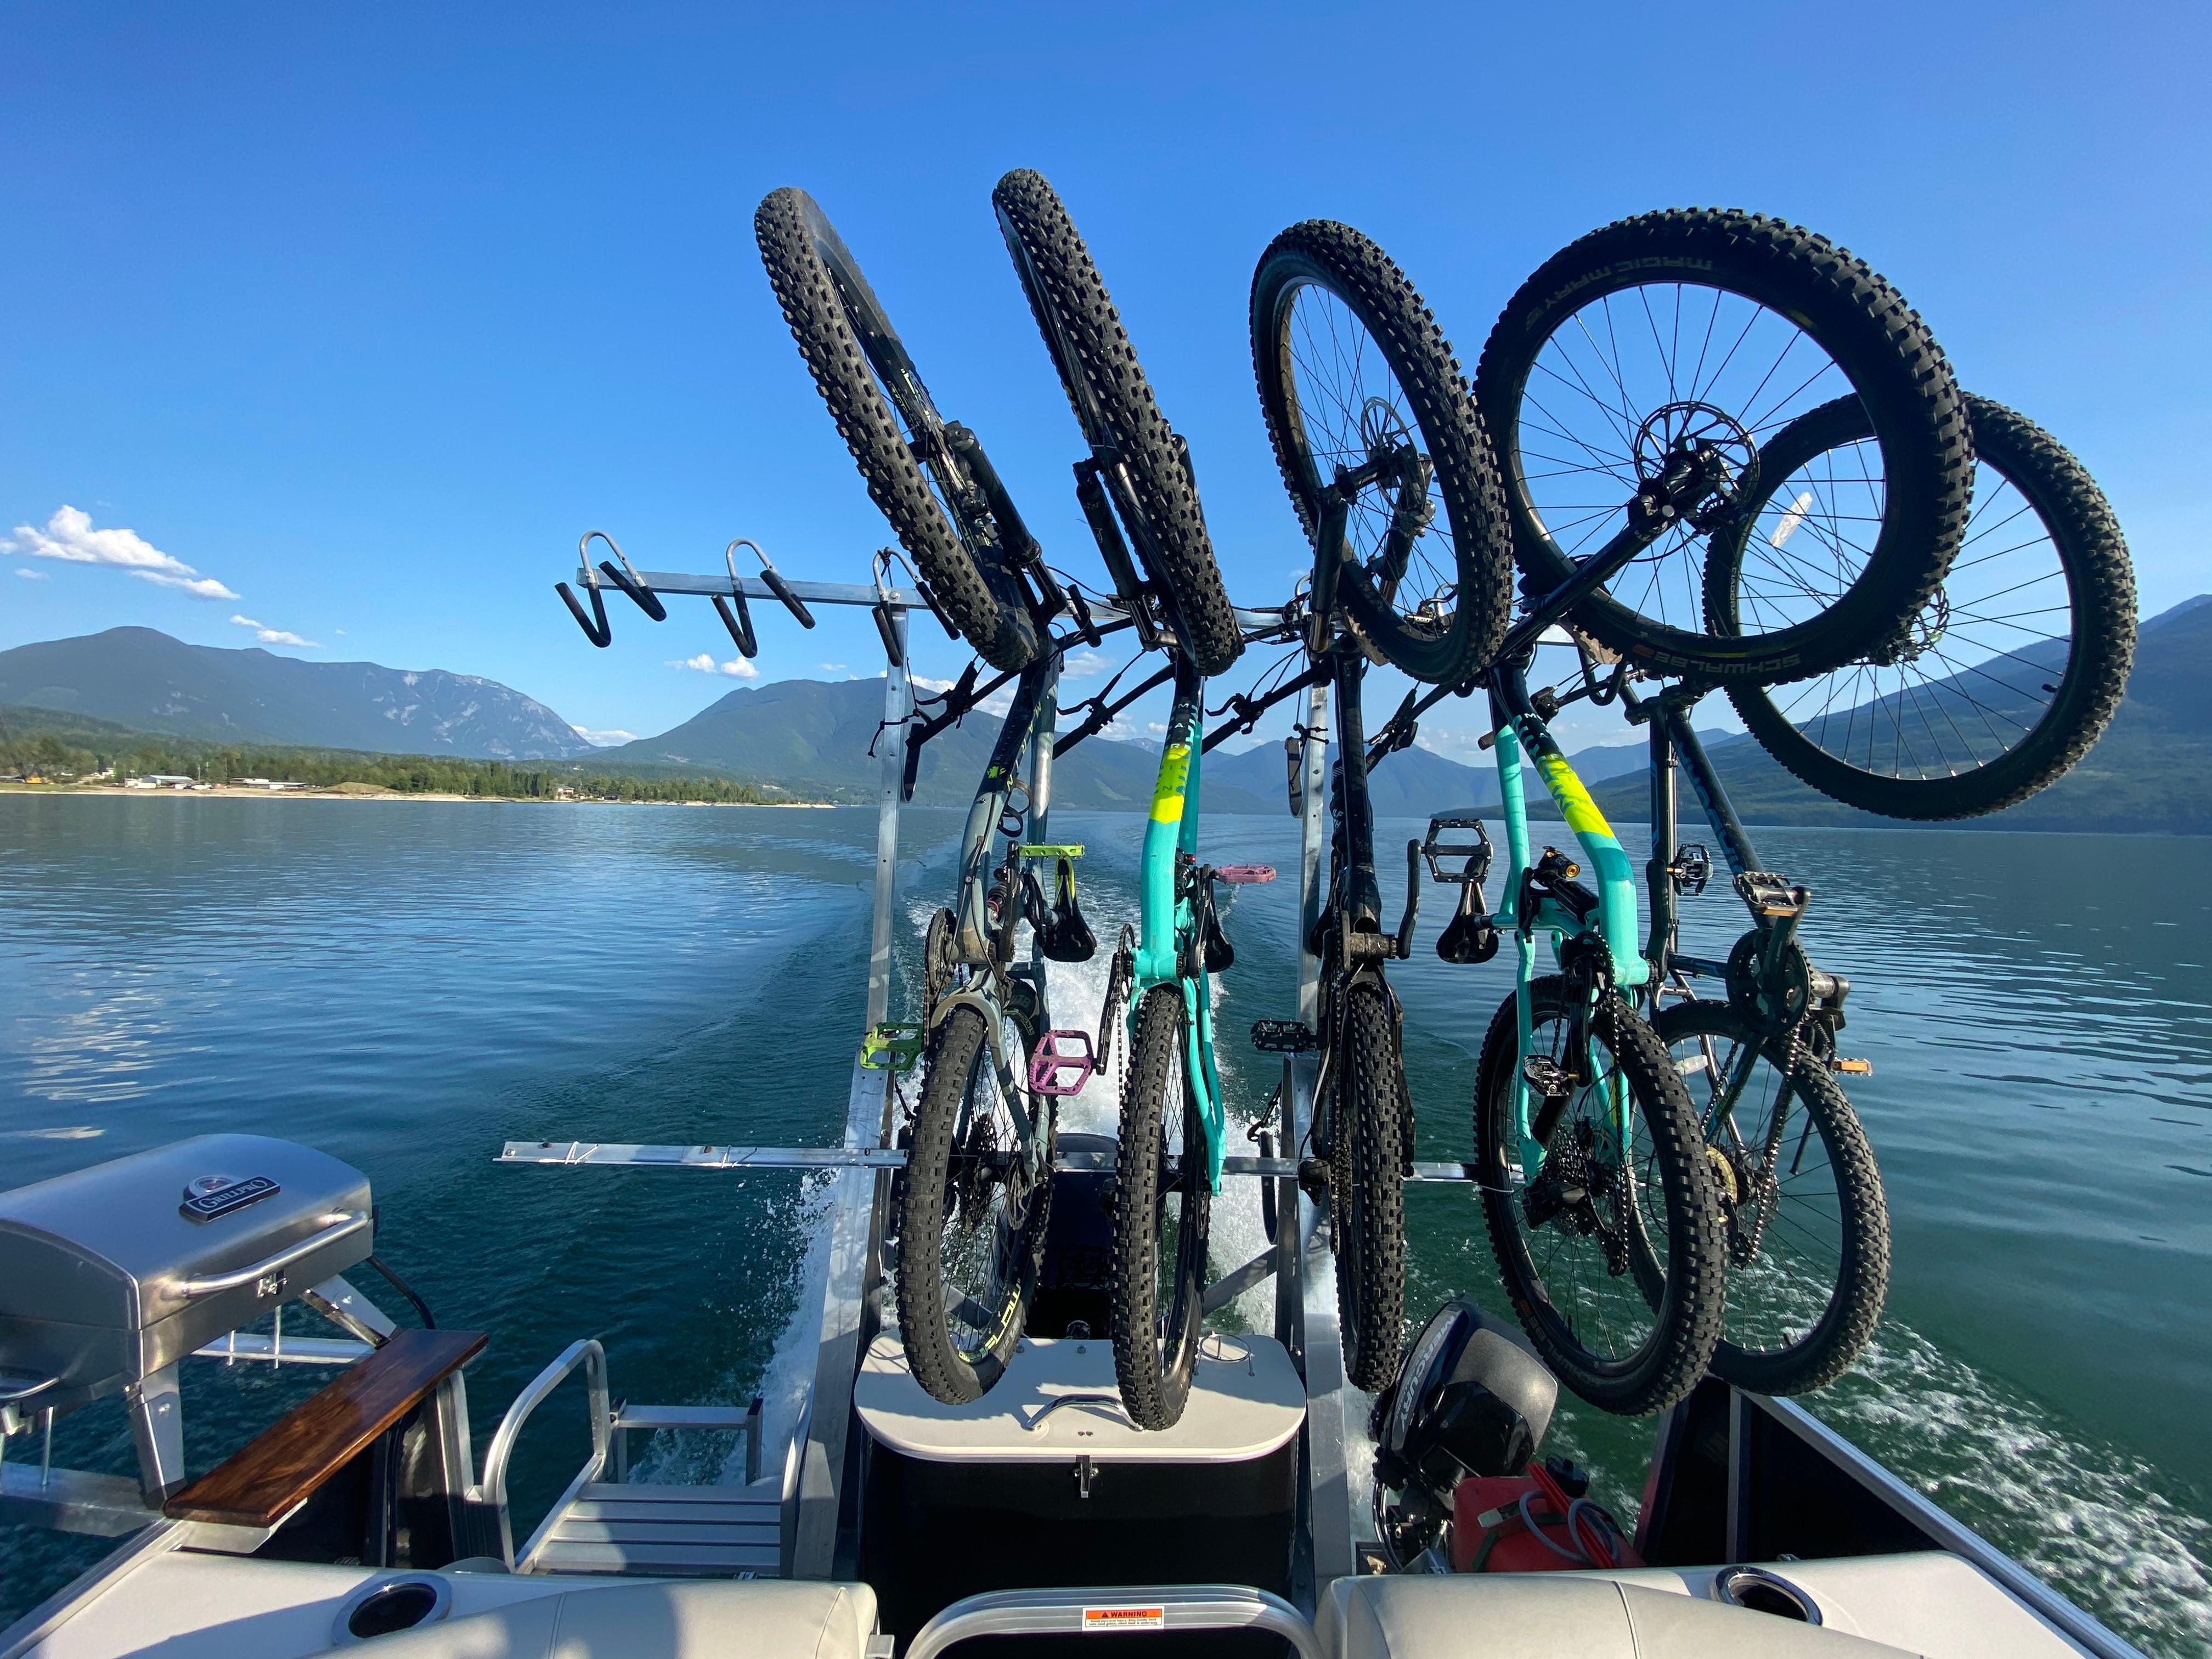 Mount Abriel Bike Shuttle